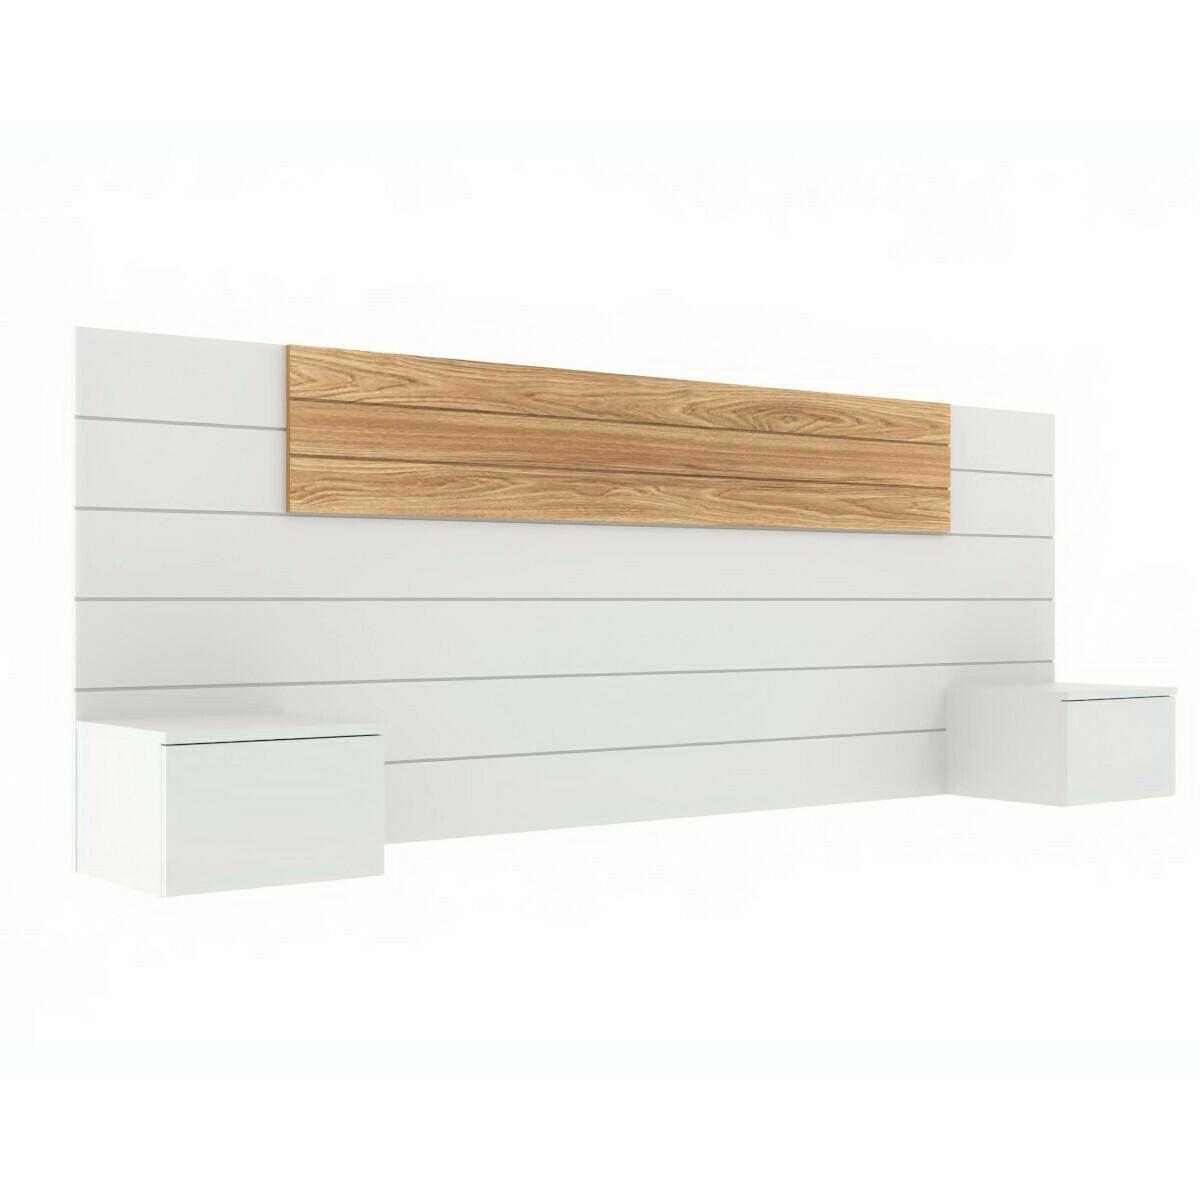 Tête de Lit, chevets Panneaux de particules 160 Blanc, bois